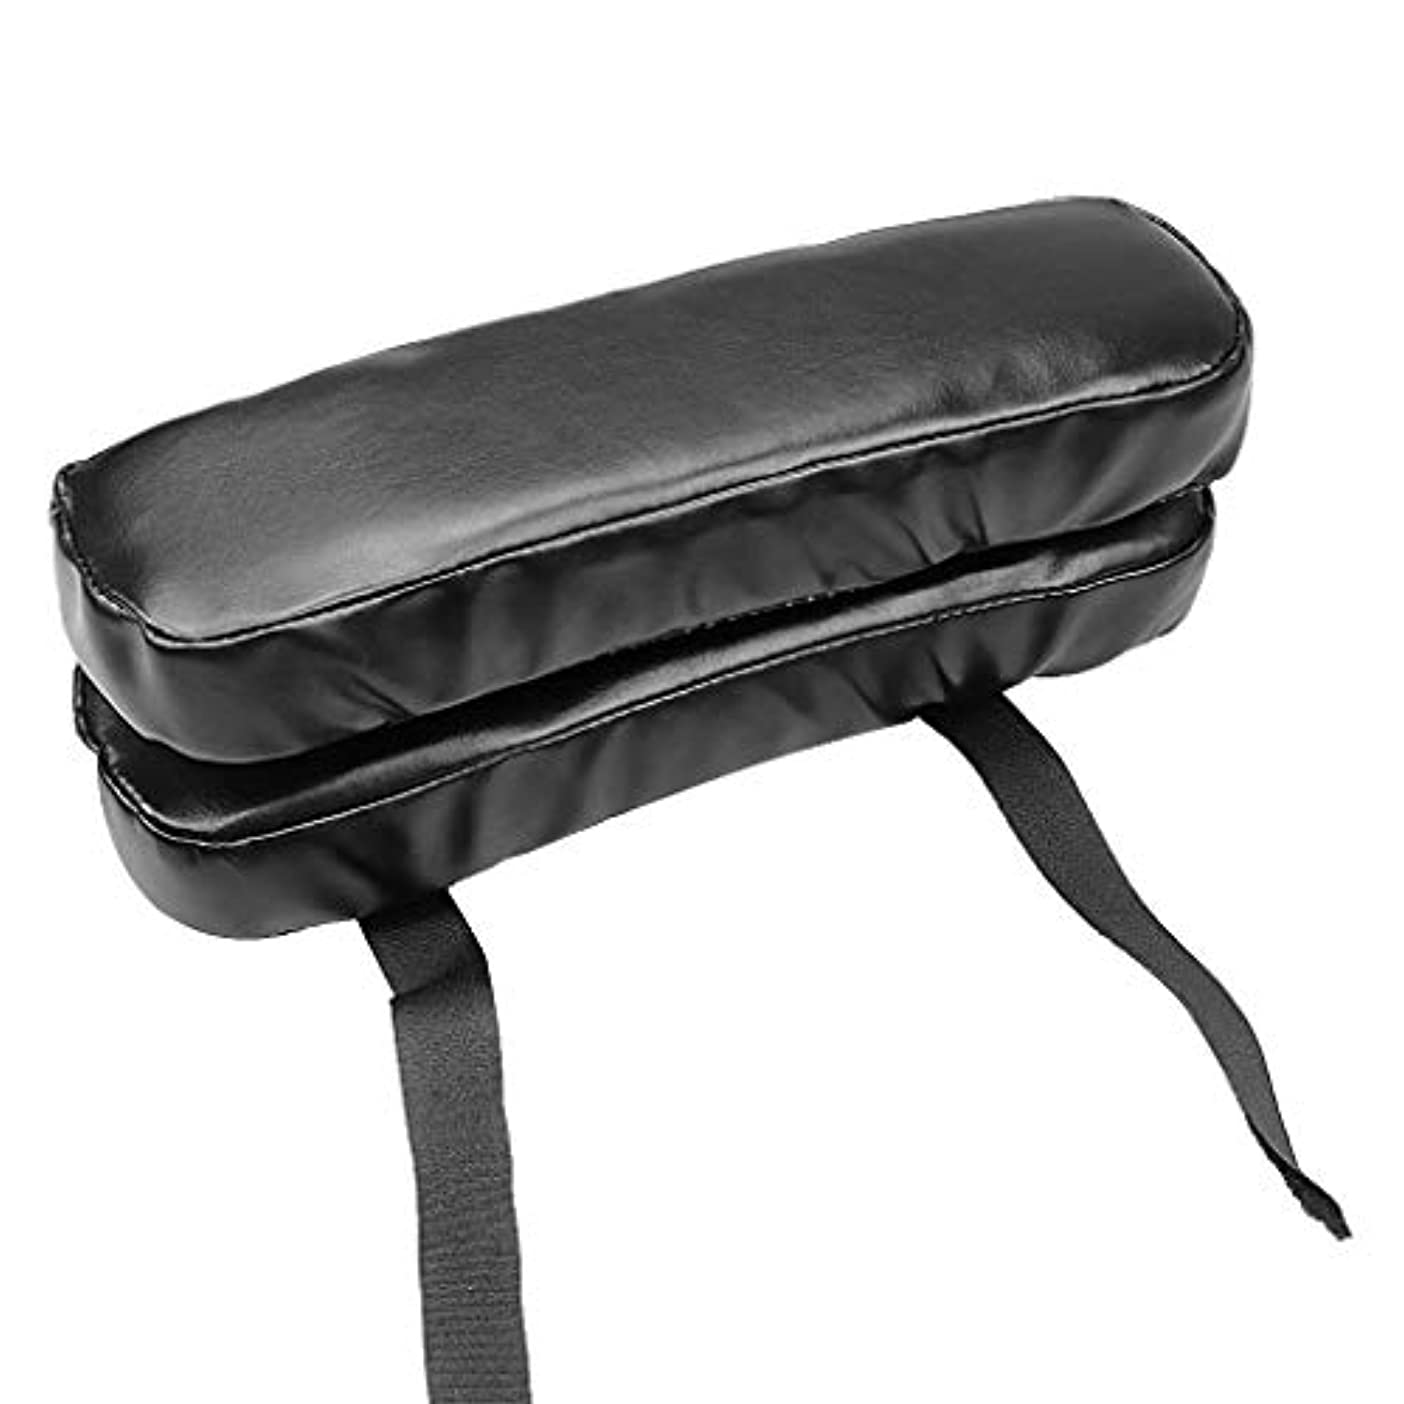 学者トリクル利得Lamdoo puレザーチェアアームレストパッドクッション低反発ソフト反発肘肘枕オフィス車の椅子